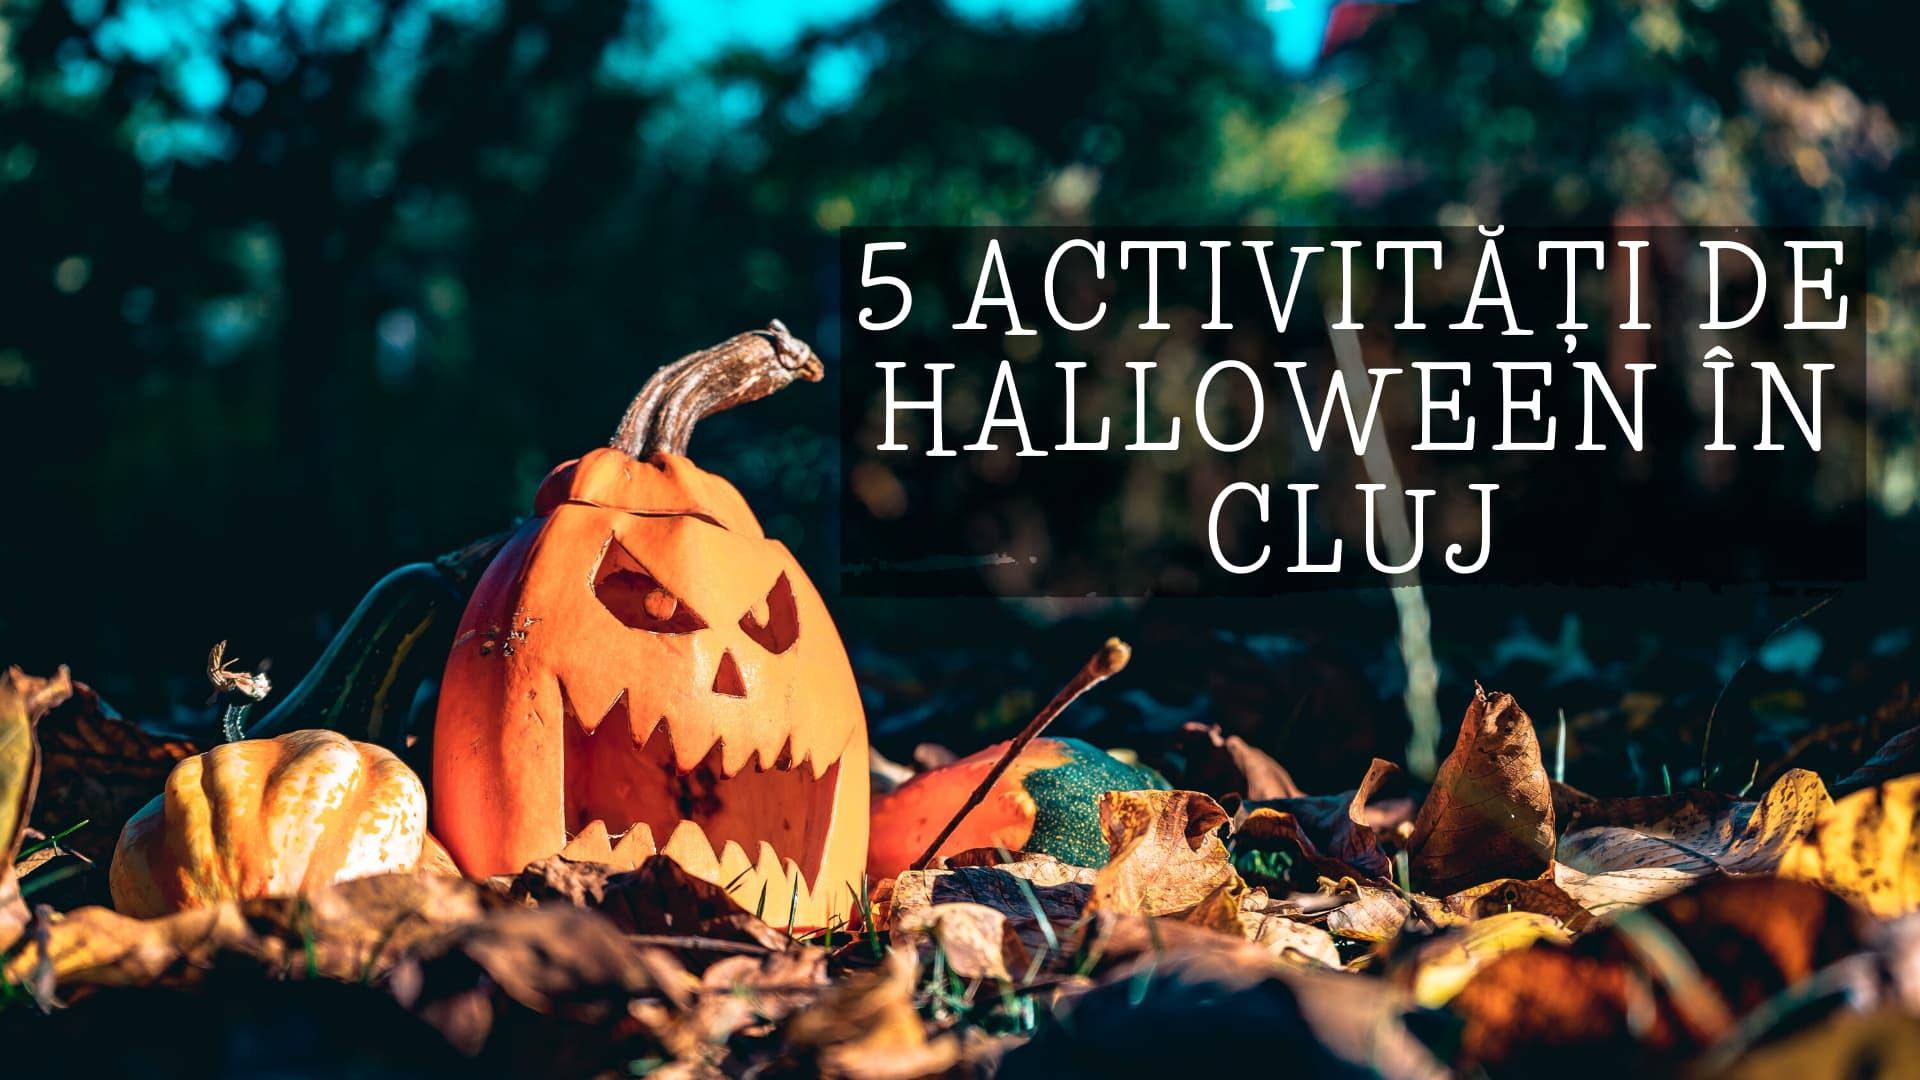 5 activități de Halloween pe care să le încerci în Cluj